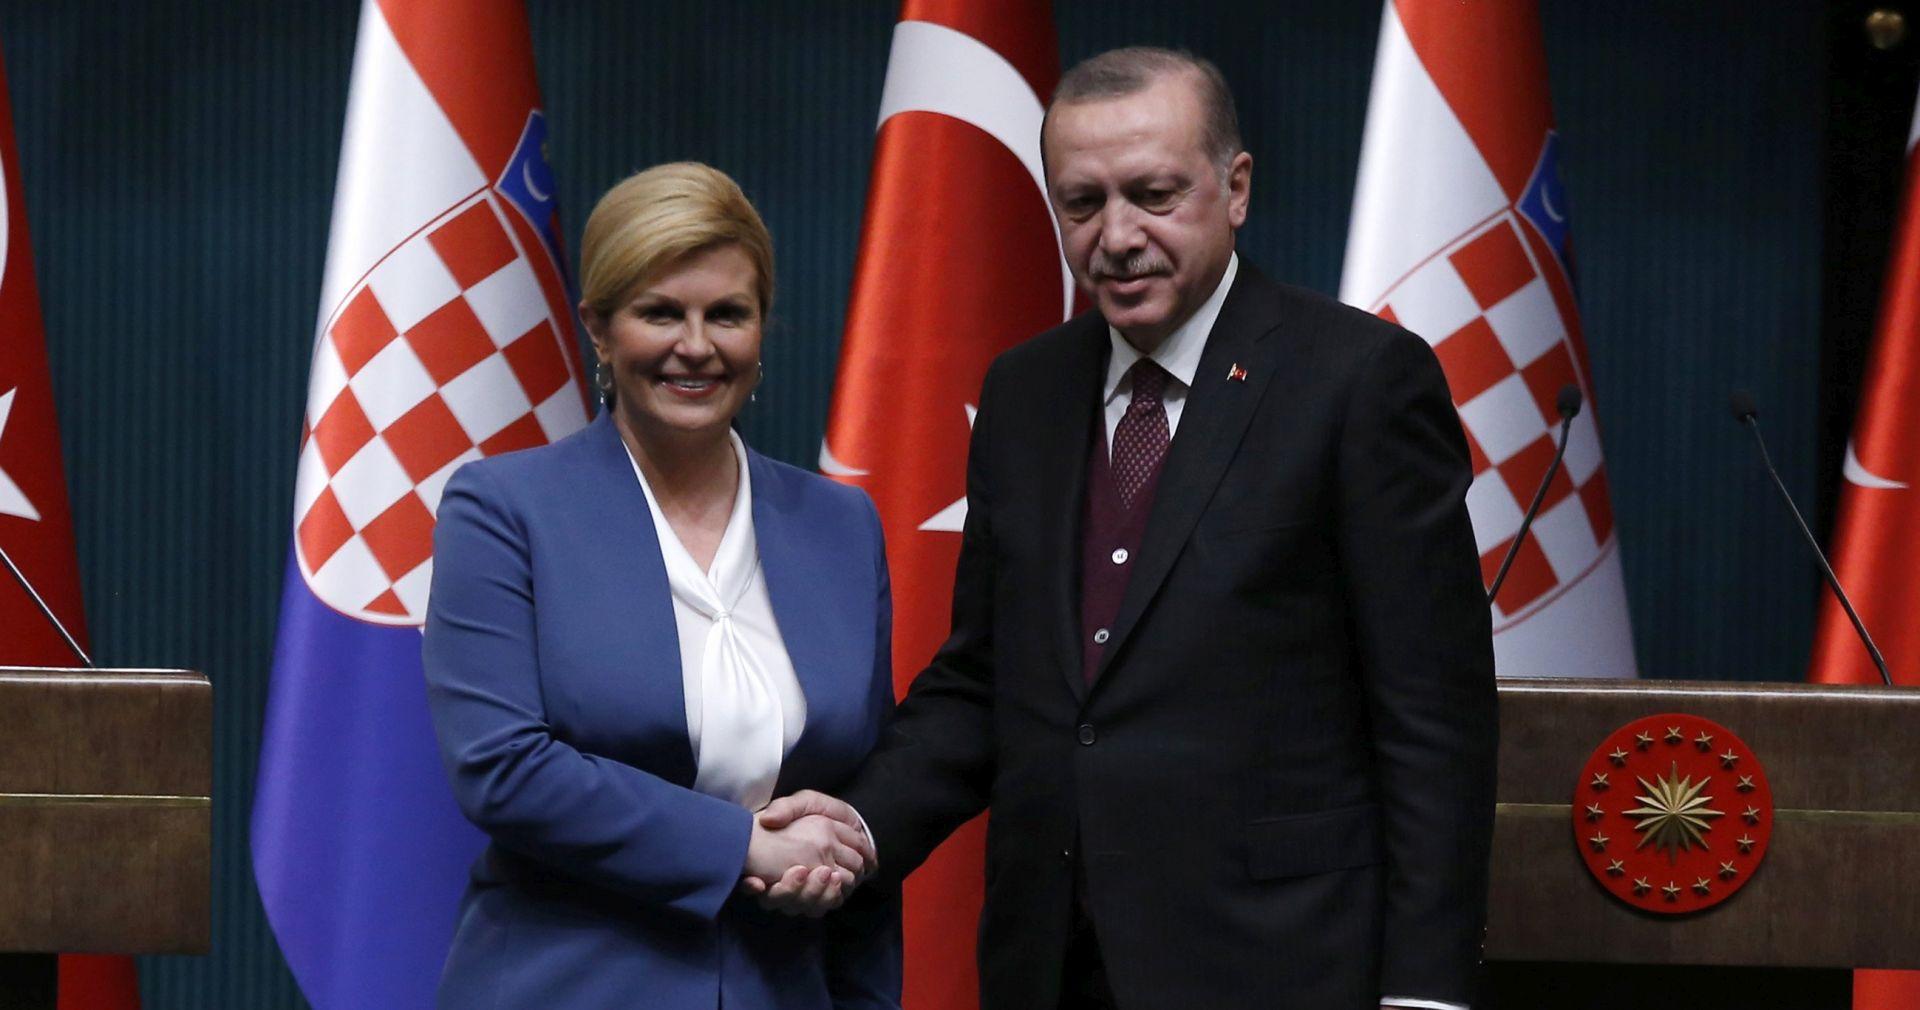 Kritike iz Sarajeva na razgovor Grabar-Kitarović i Erdogana